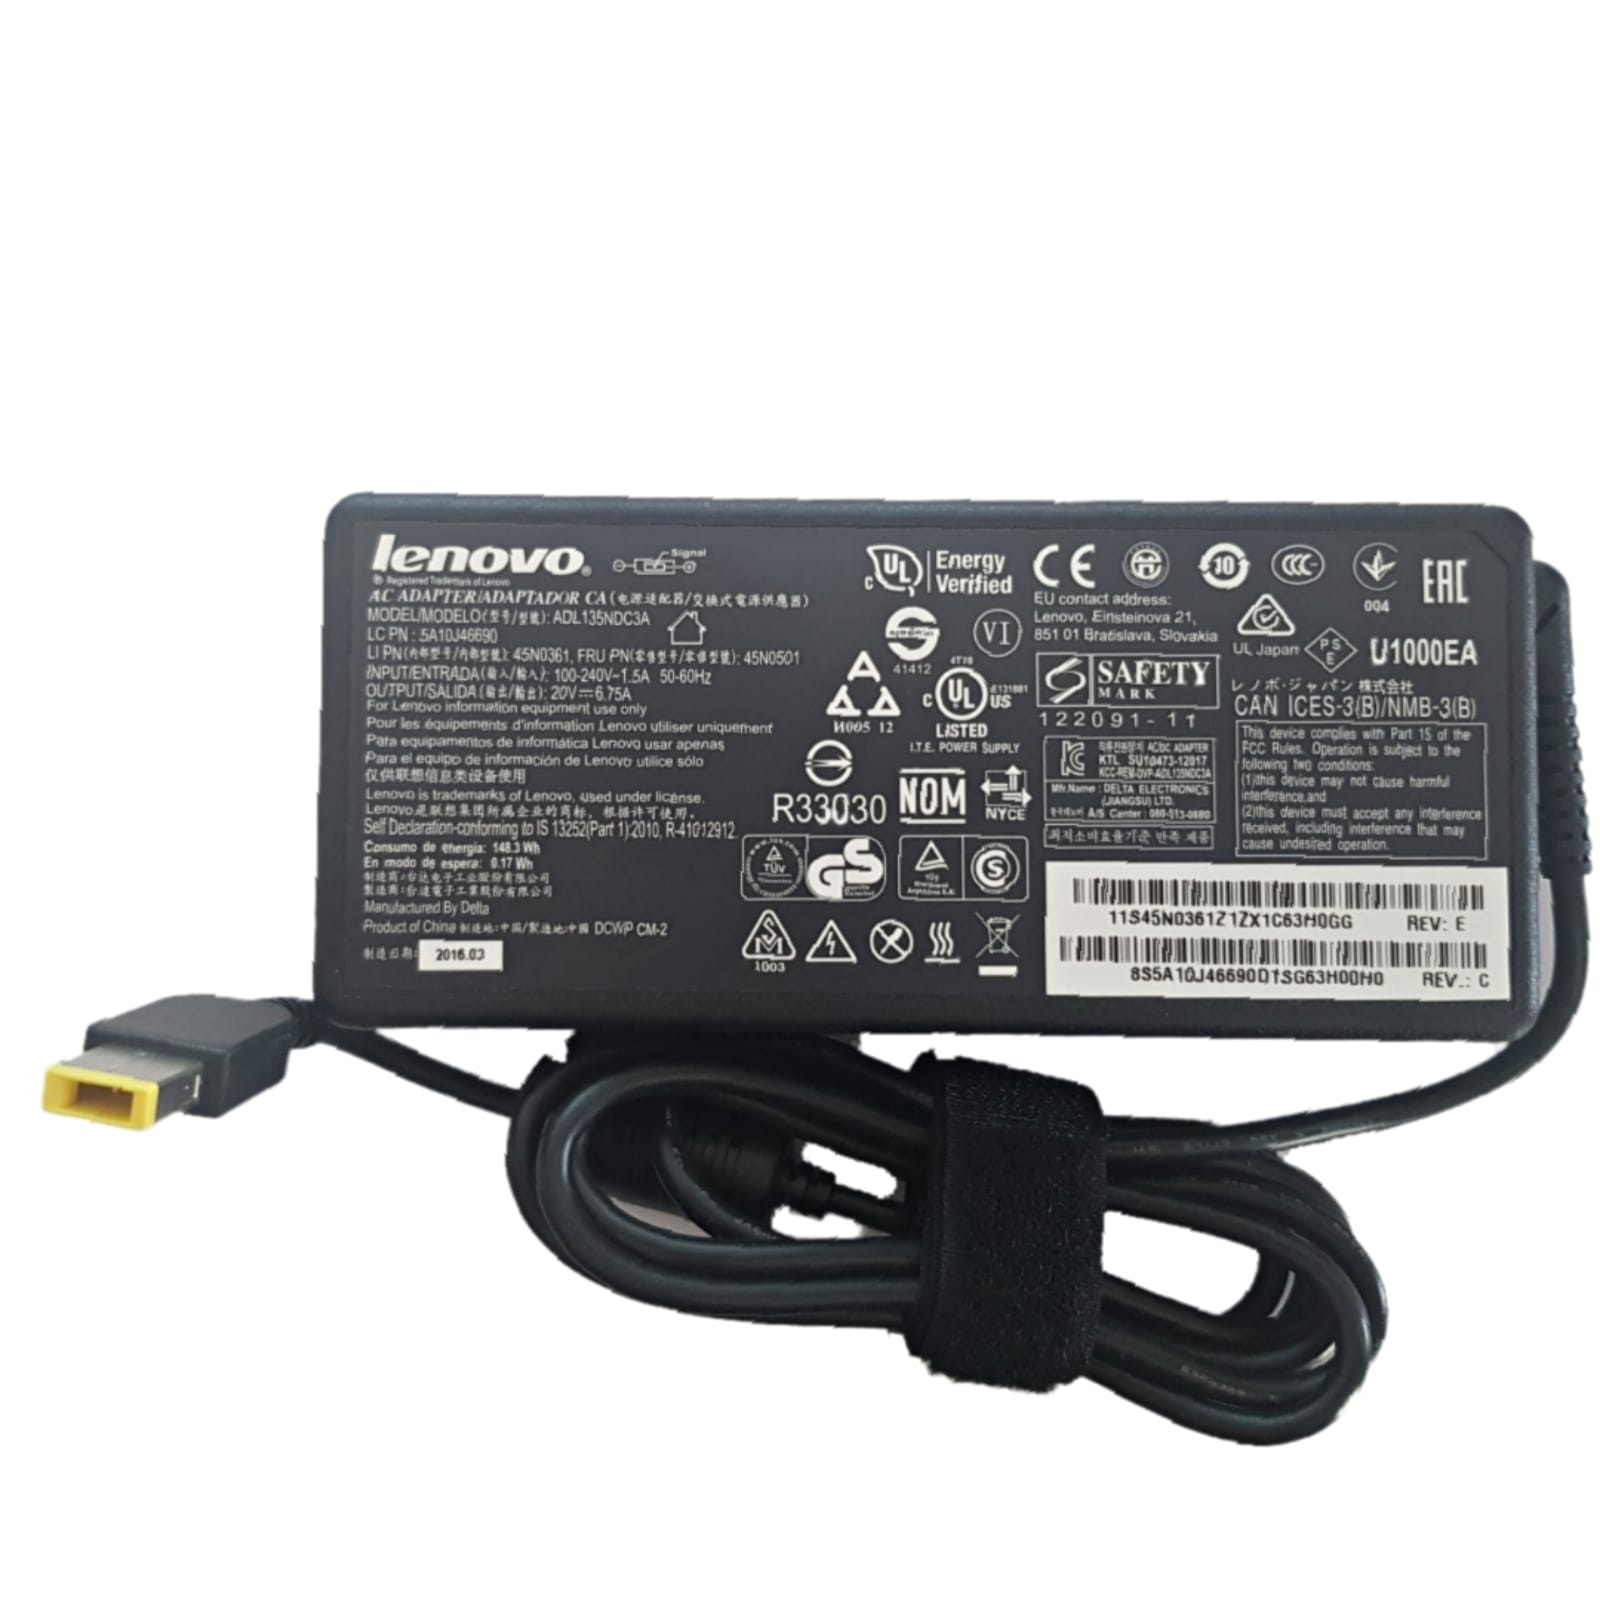 מטען למחשב נייד לנובו Lenovo 20V-6.75A USB 135W יבואן רשמי